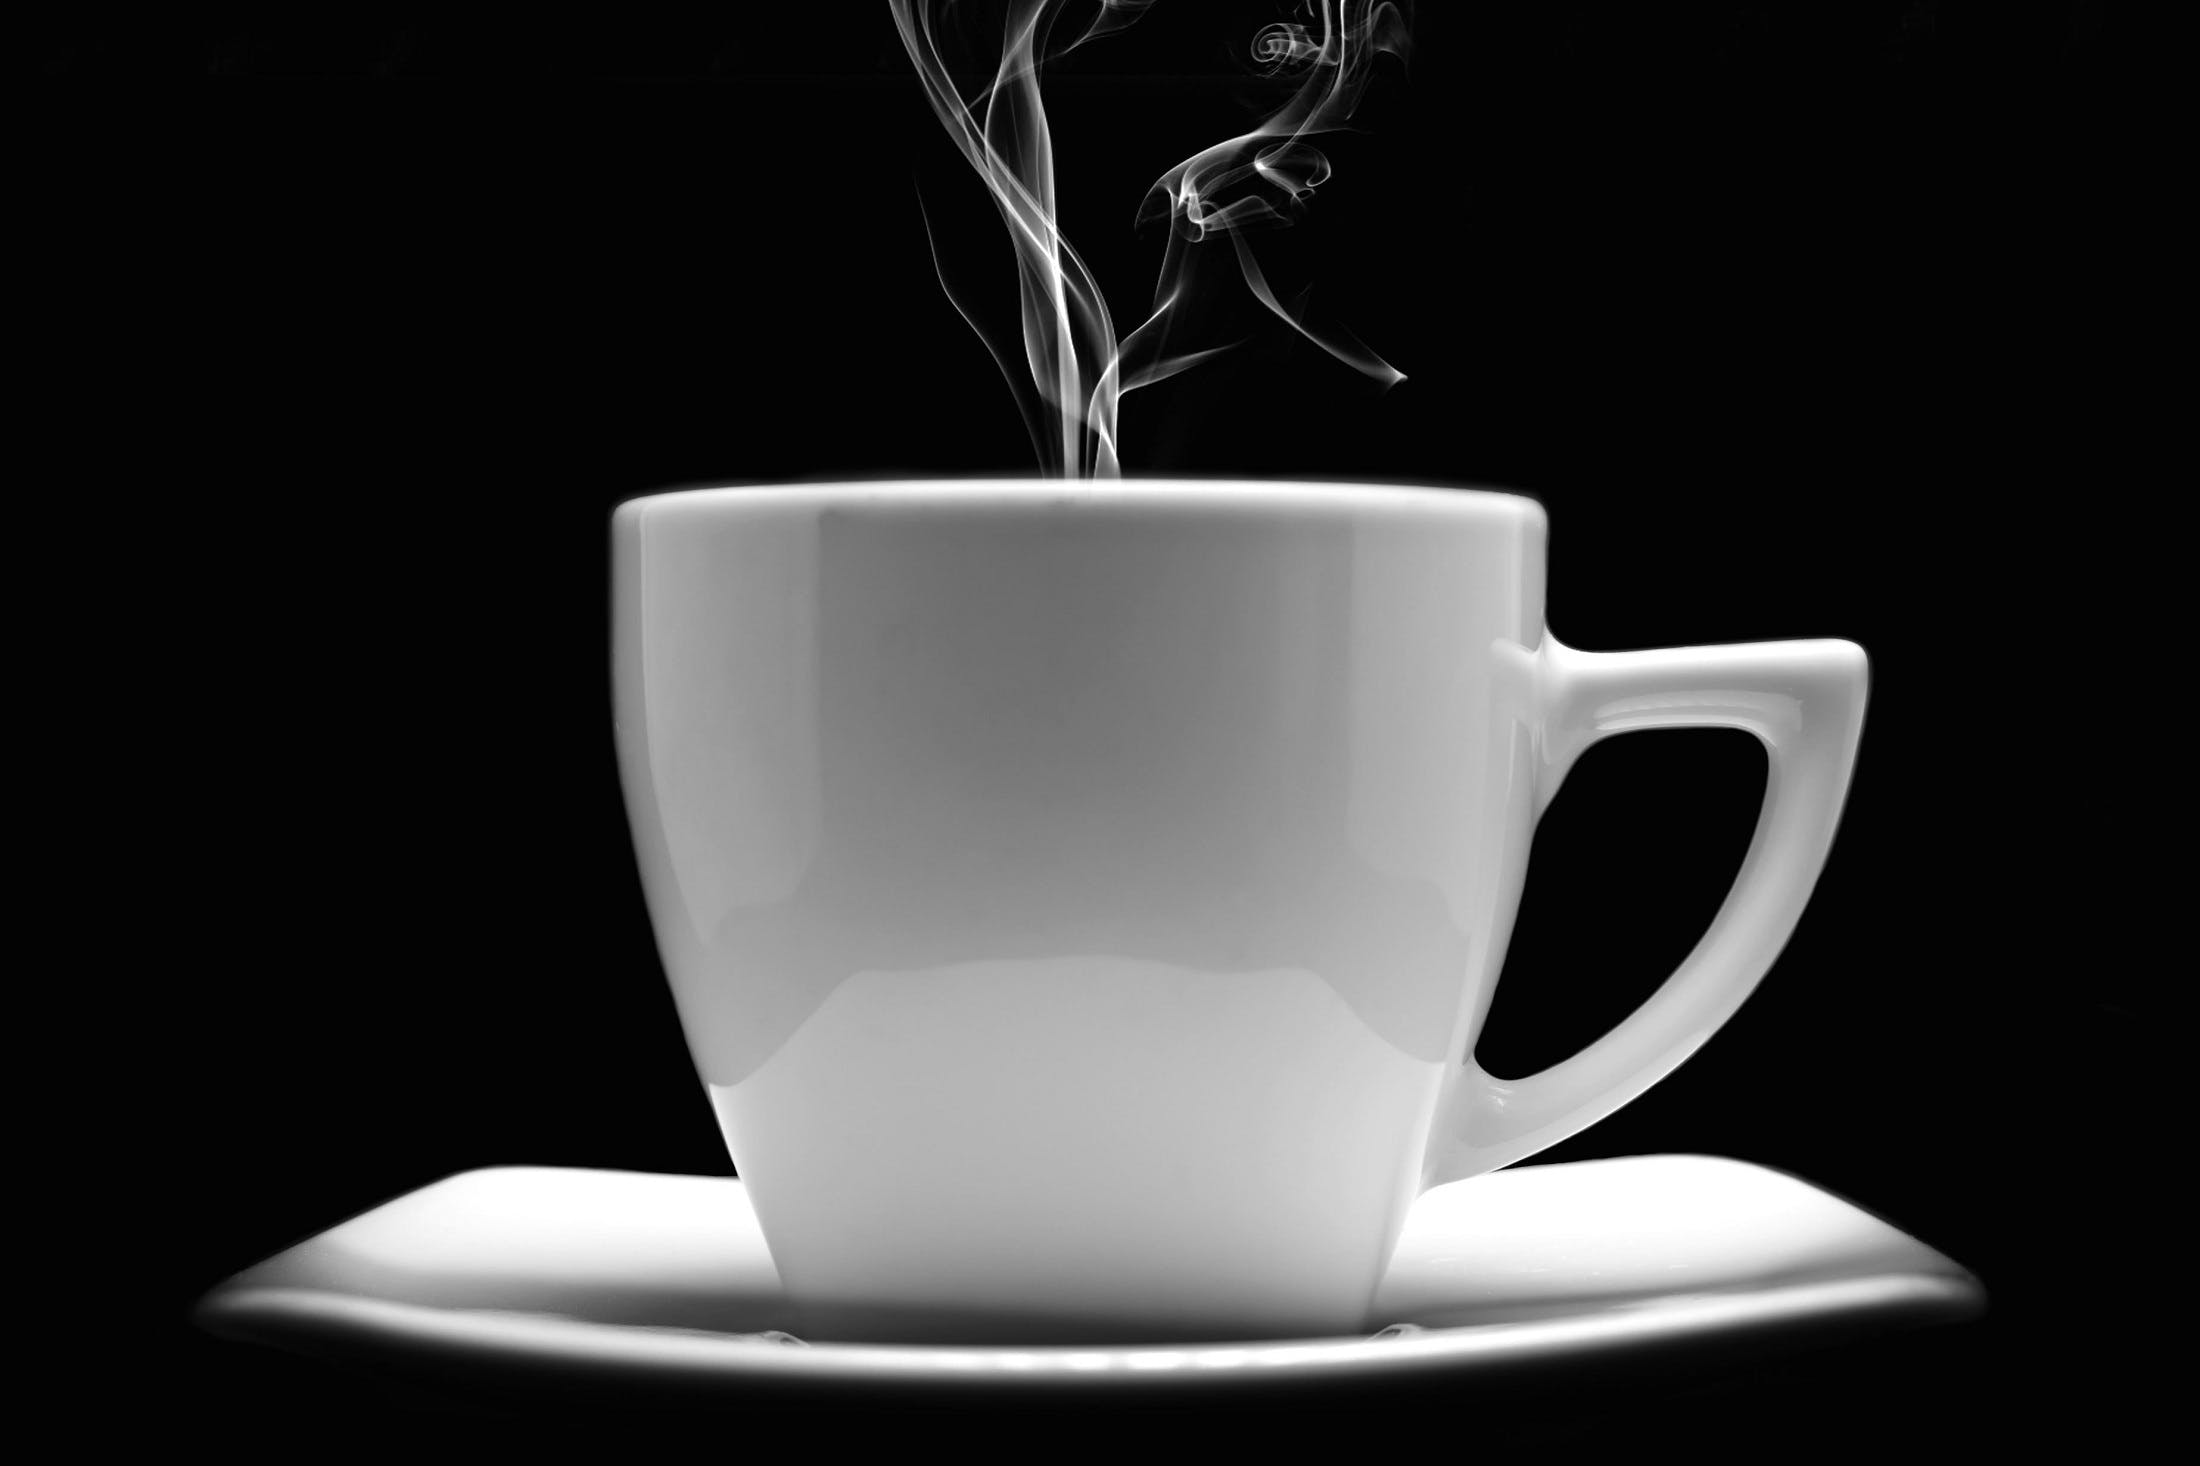 Kostenloses Stock Foto zu kaffee, tasse, becher, dunkel